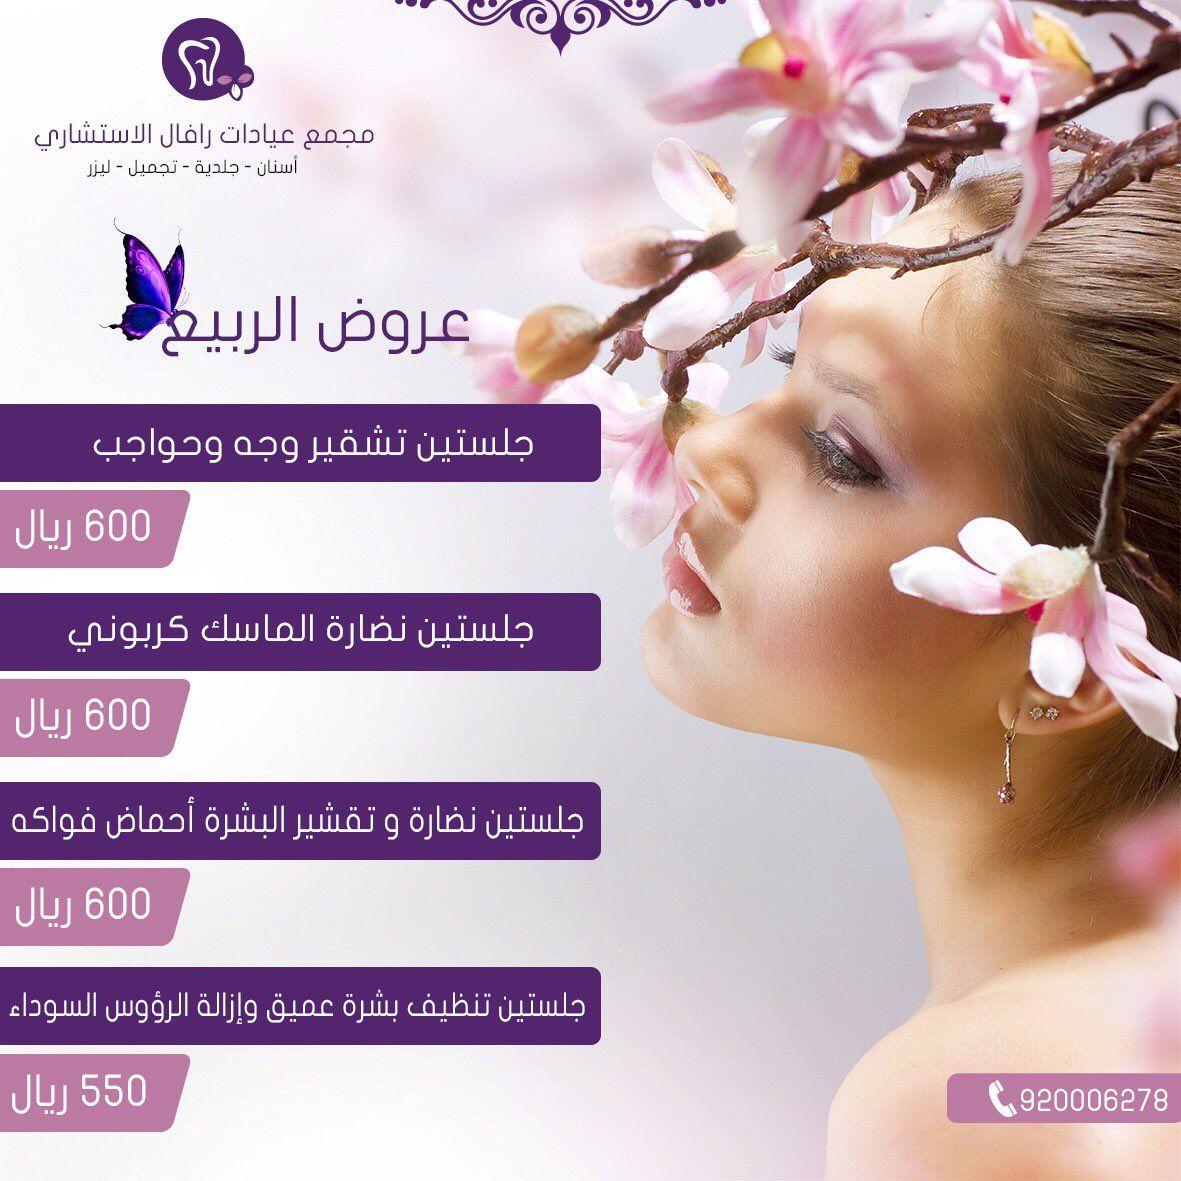 عروض الربيع عيادات رافال الاستشاري عيادة شرق الرياض Homescreen Wallpaper Skin Beauty